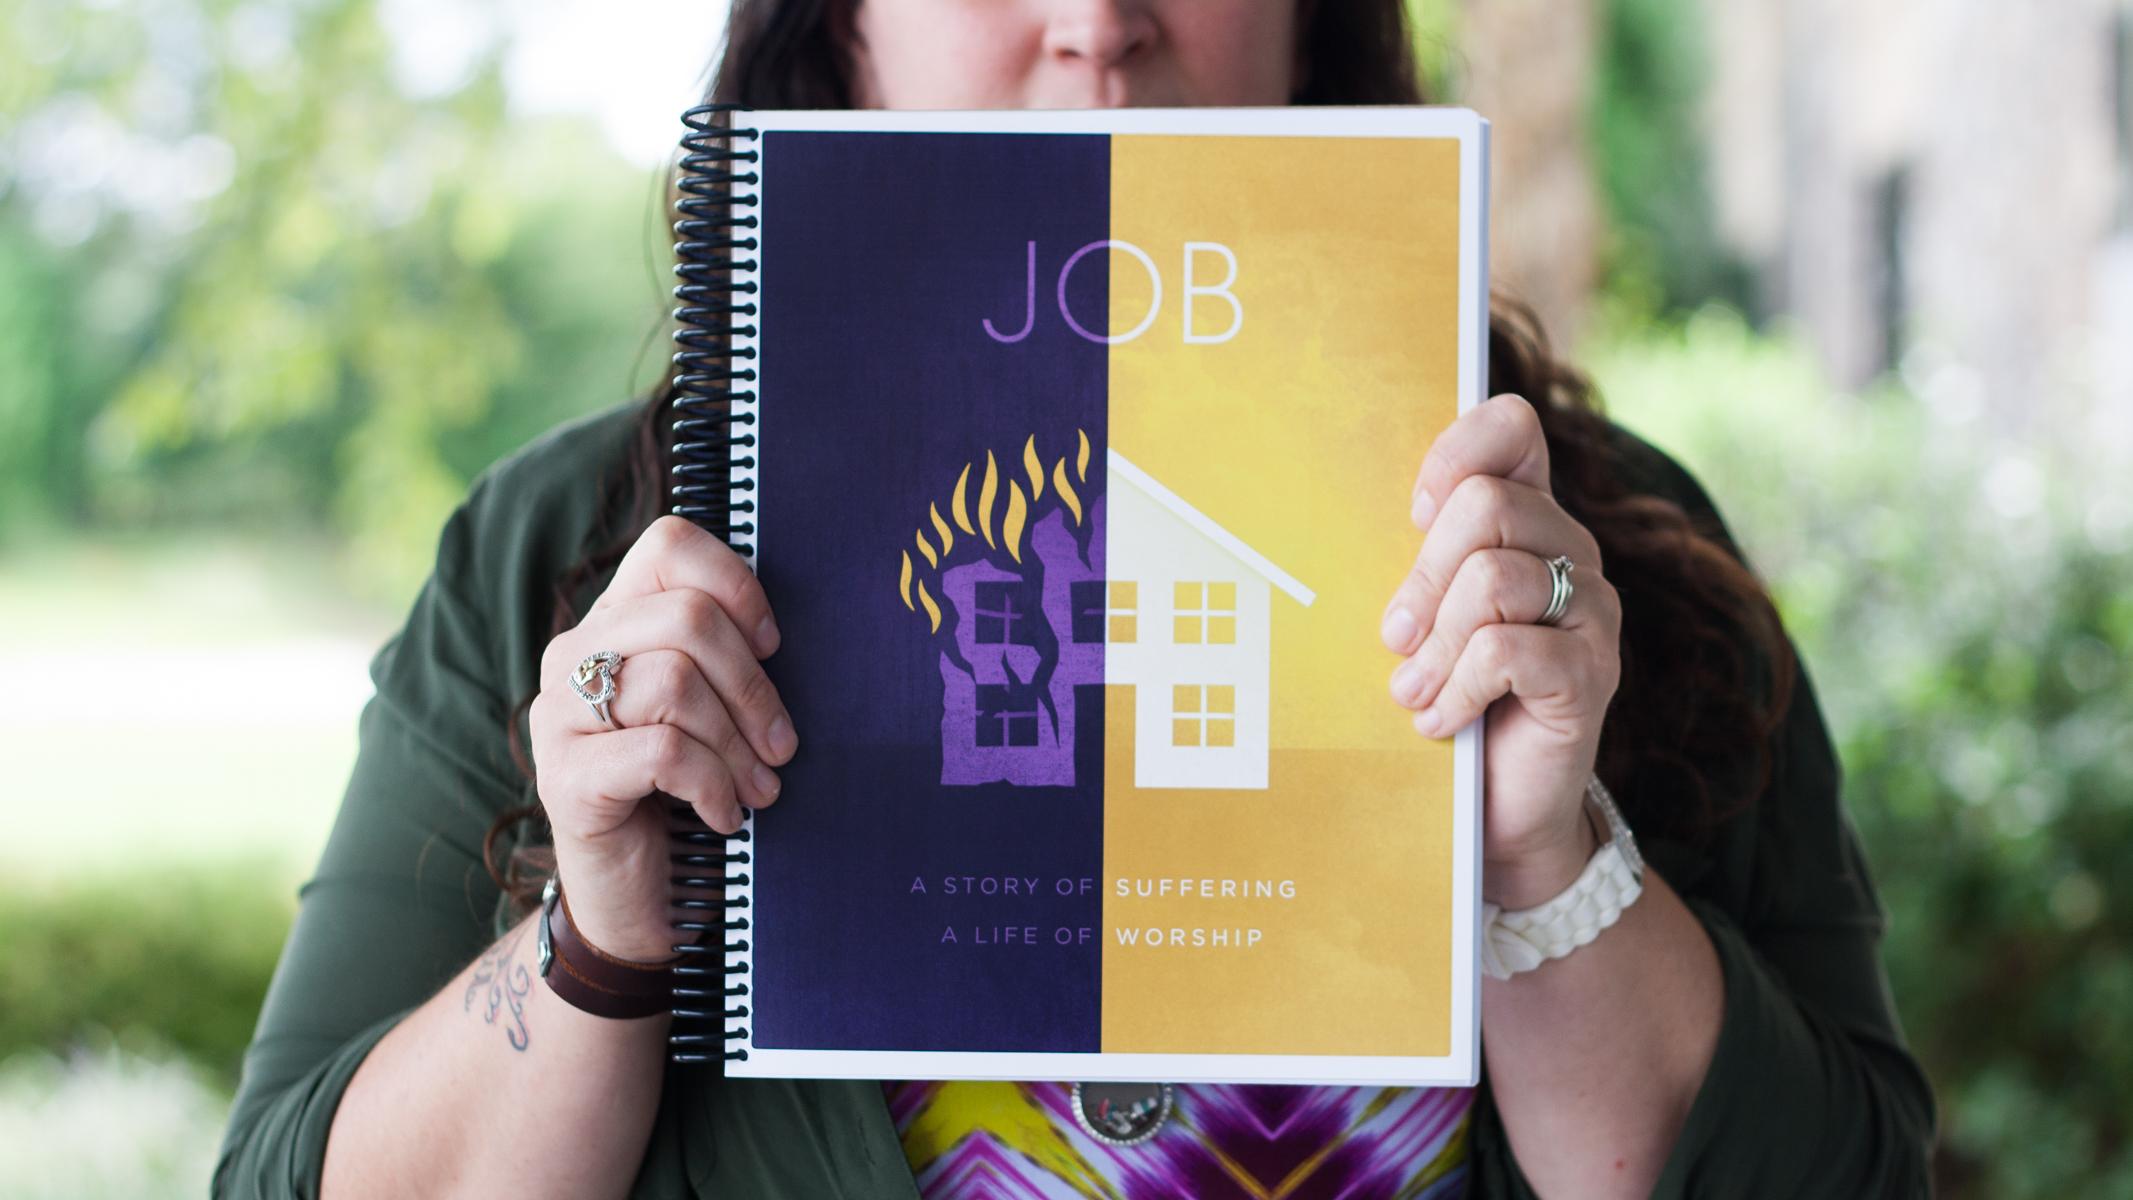 Jobstudyblog